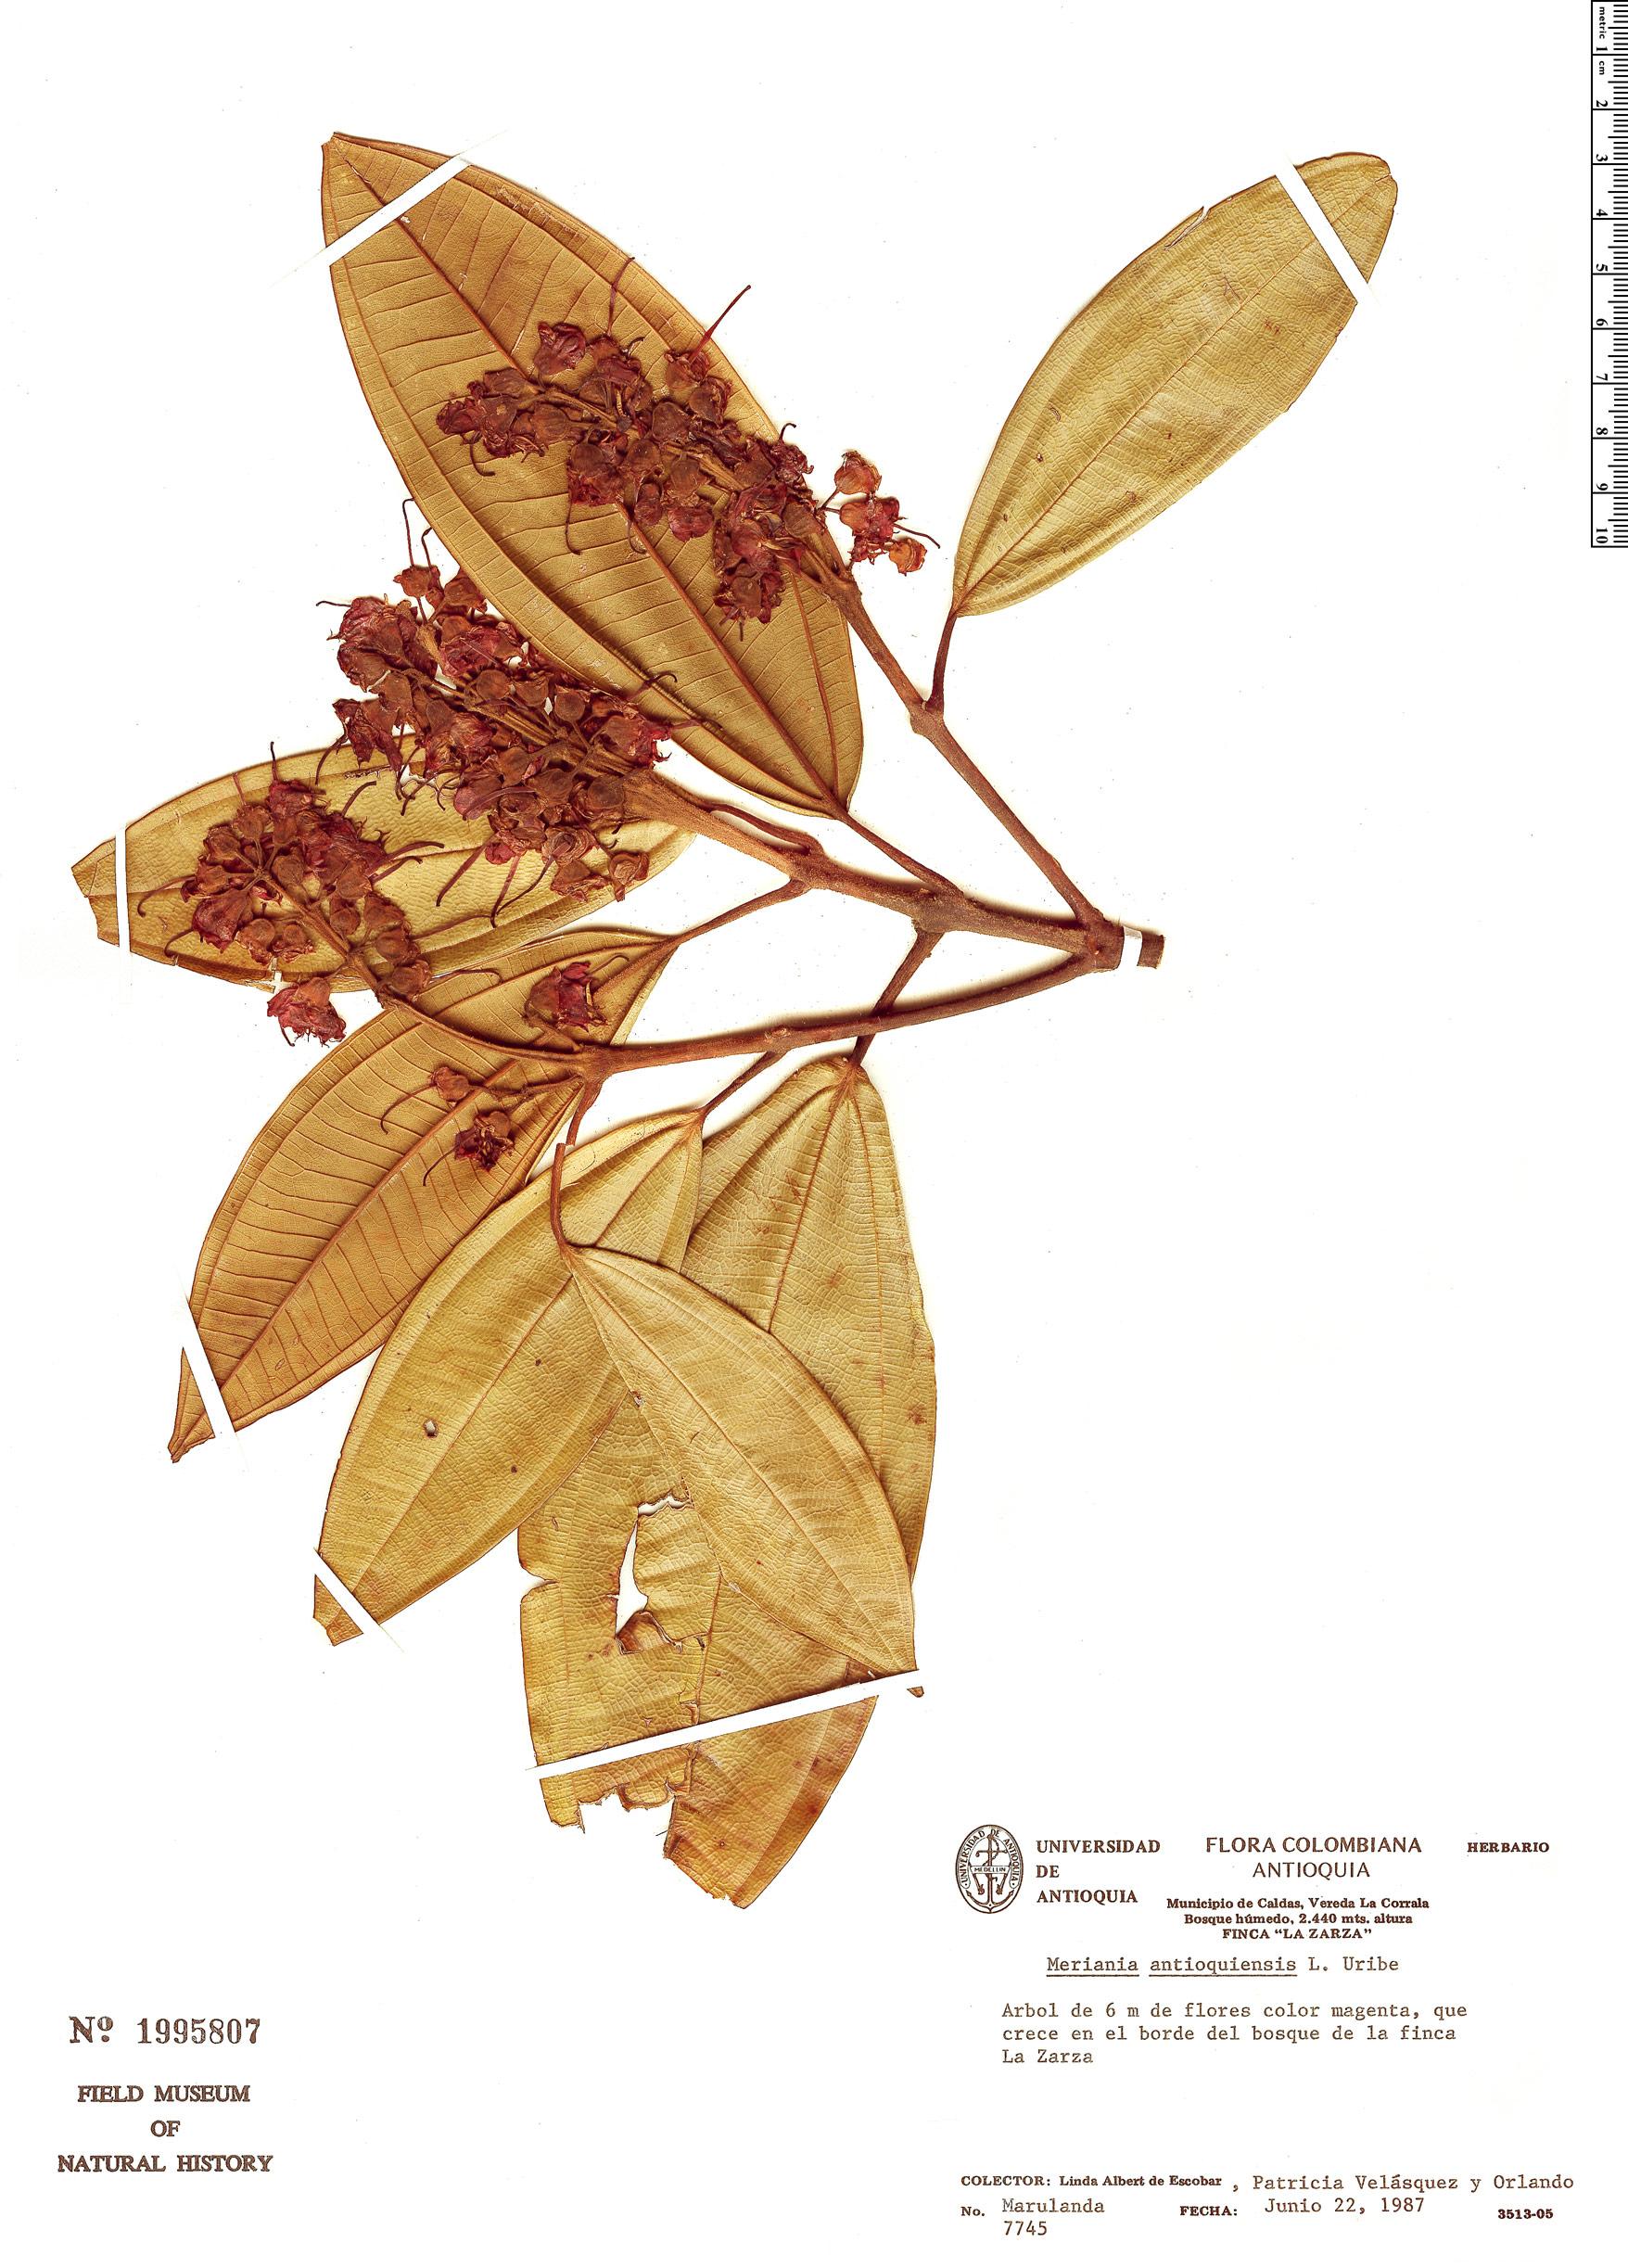 Specimen: Meriania antioquiensis